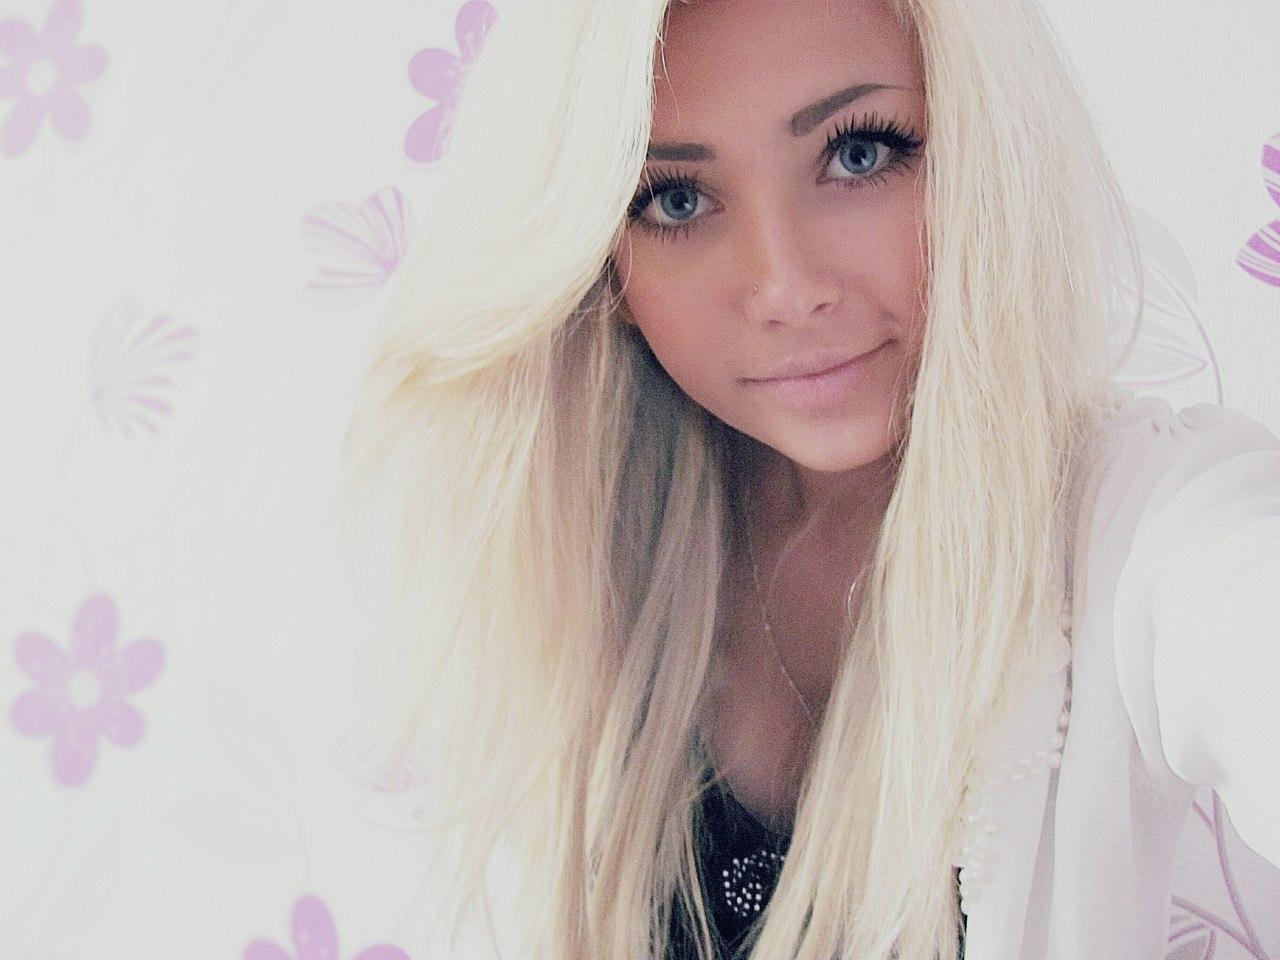 Авы для вк для девушек крутые фото блондинки